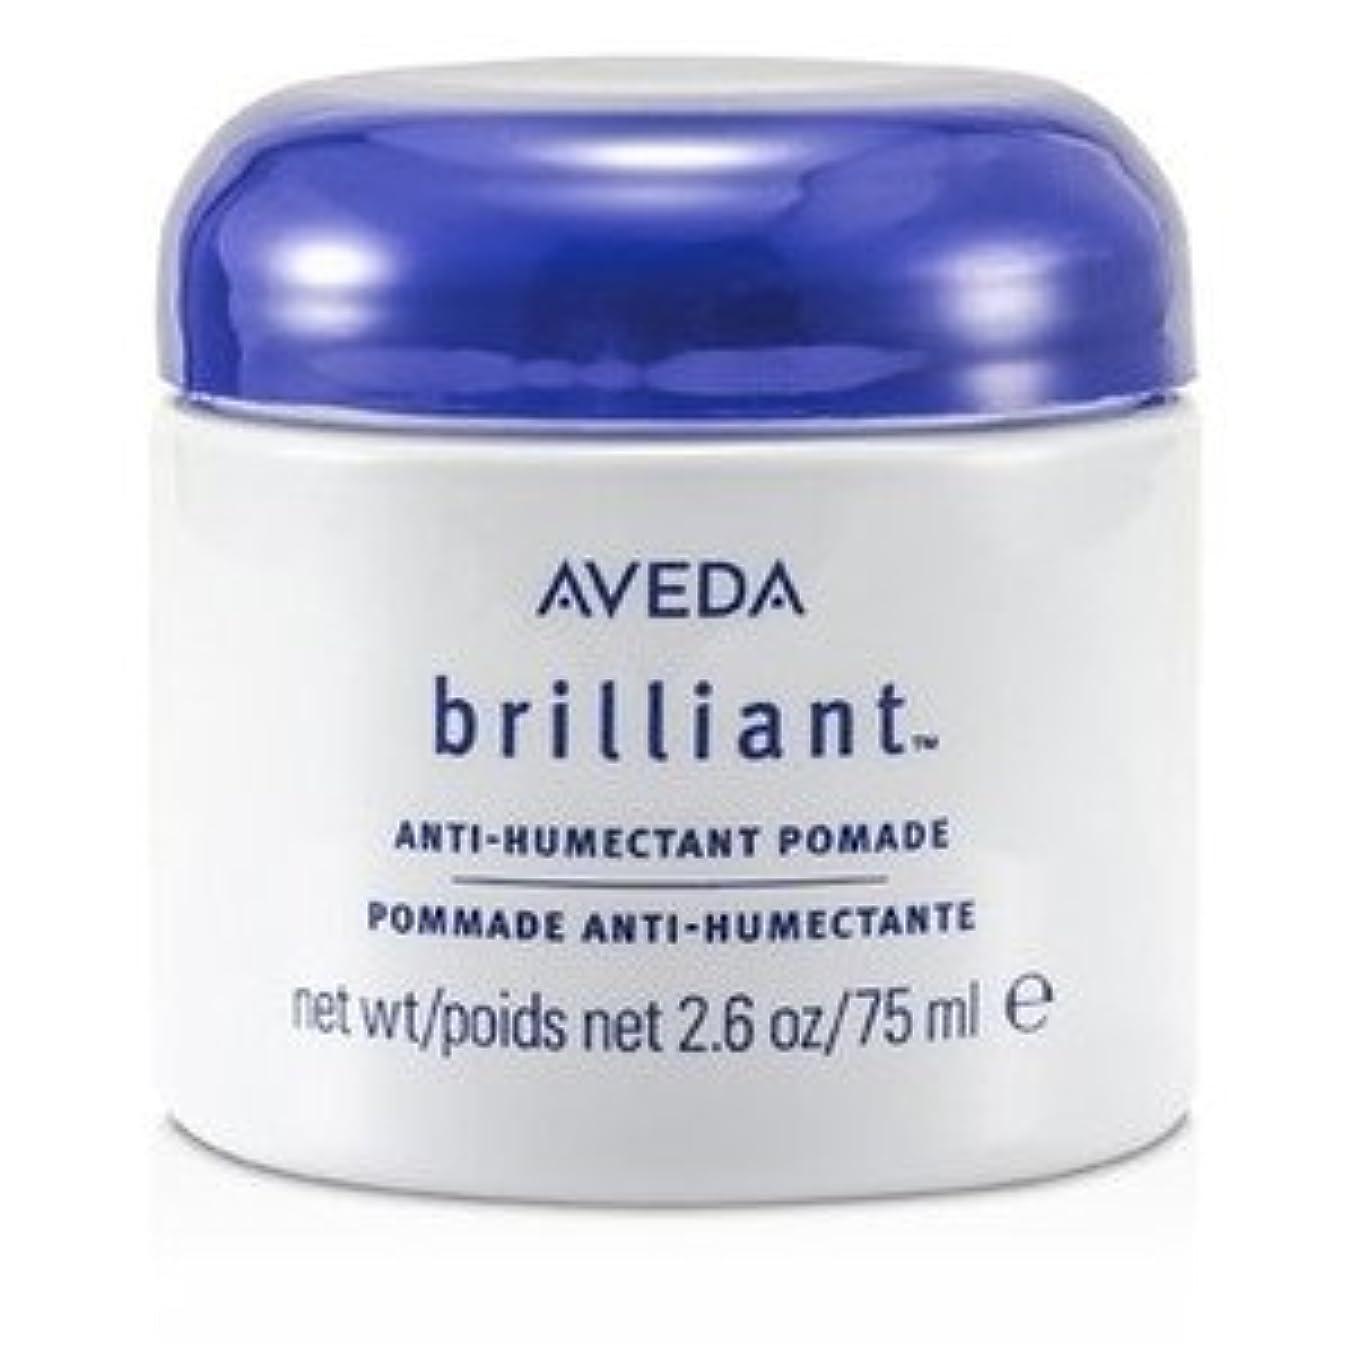 Aveda(アヴェダ) ブリリアント アンチ-ホメクタント ポマード 75ml/2.6oz [並行輸入品]